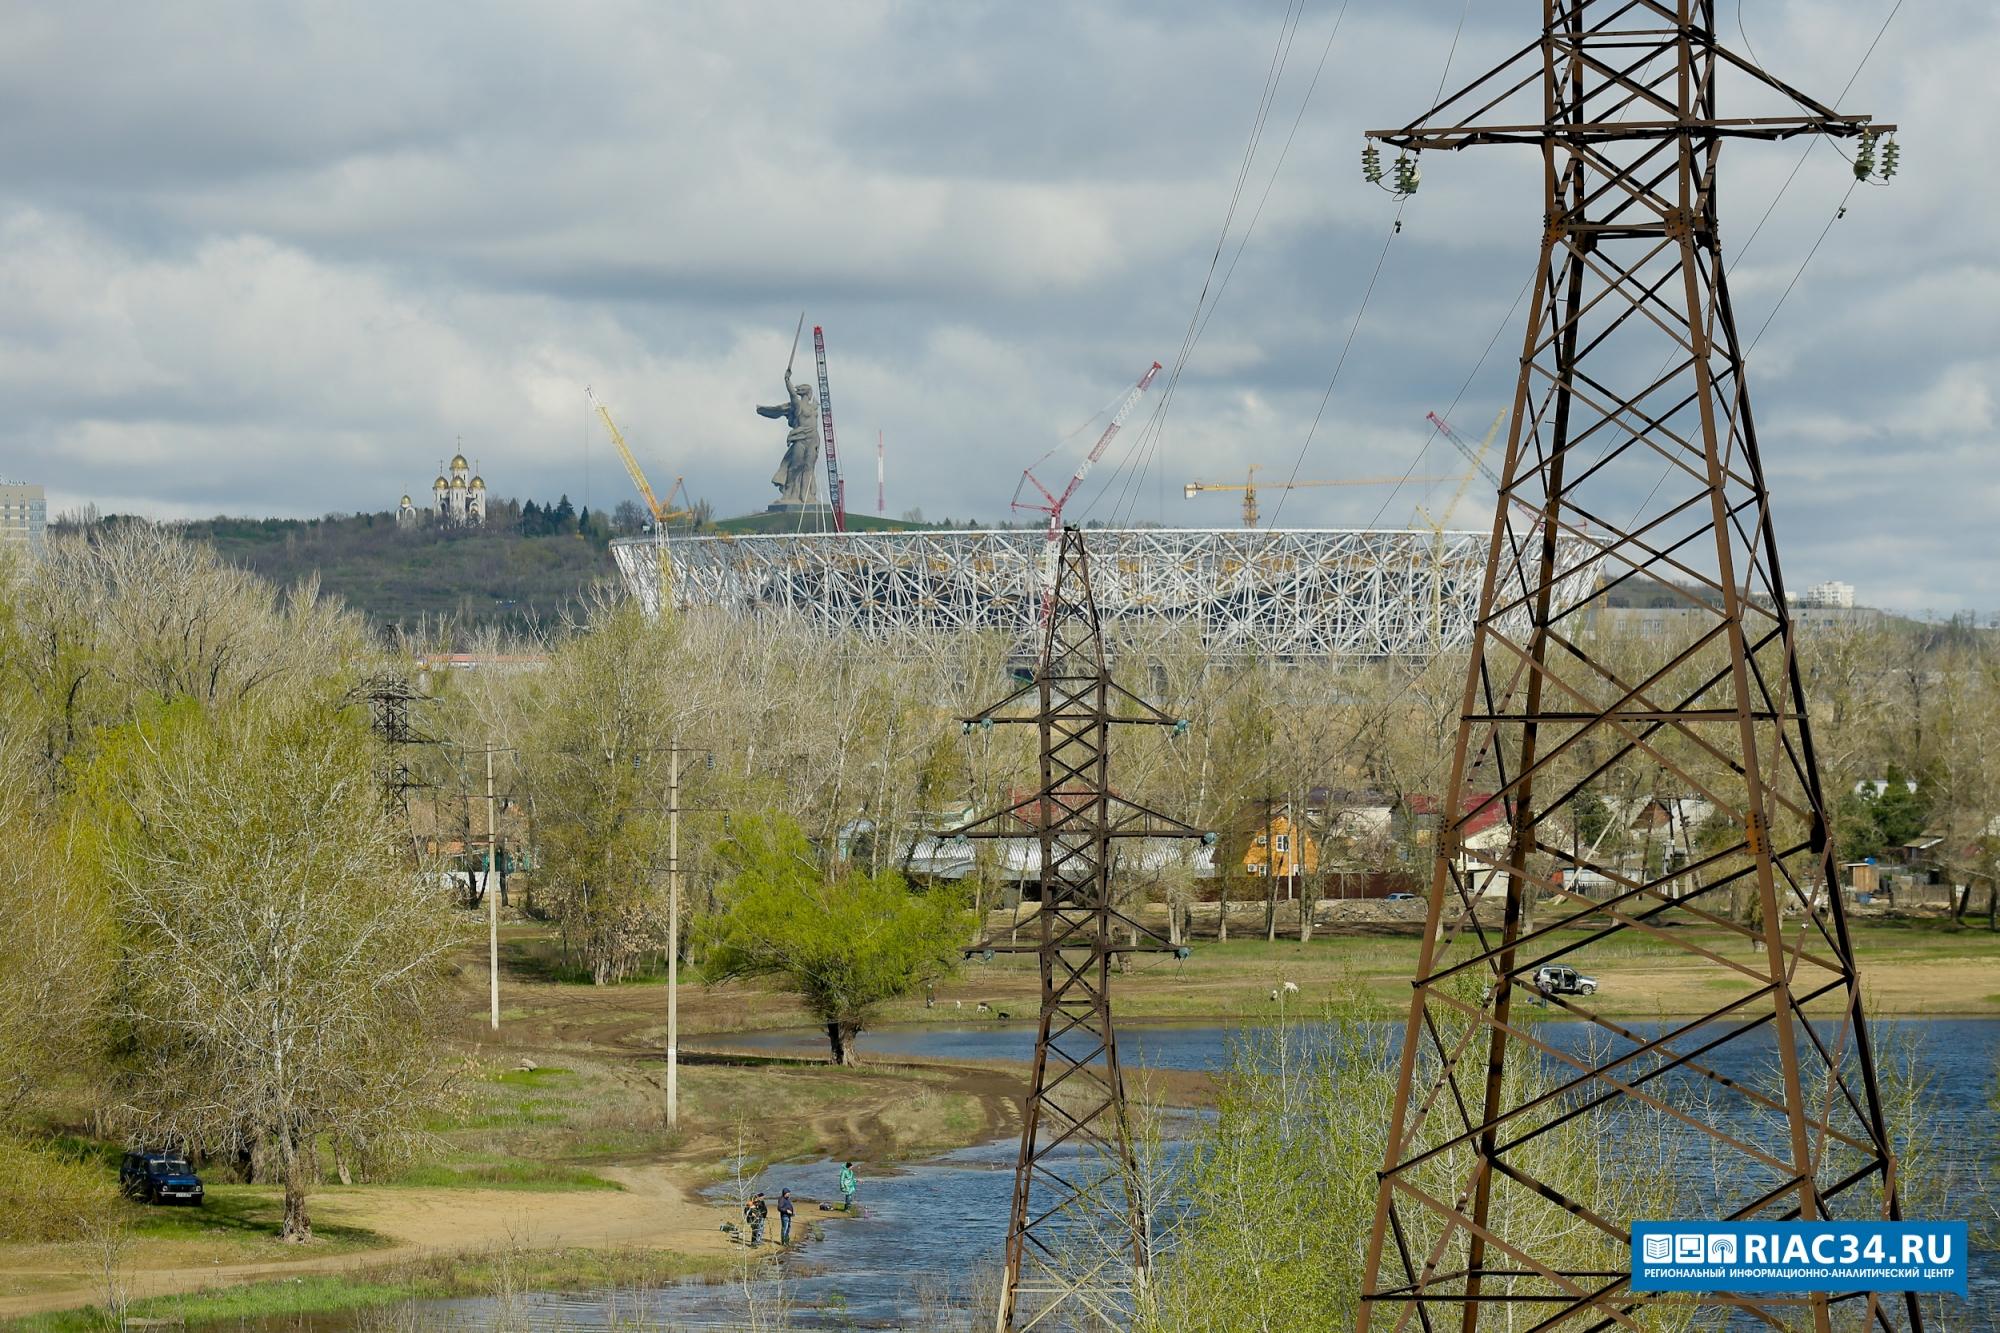 Выработка электрической энергии вСвердловской области всамом начале года подросла на11,2%